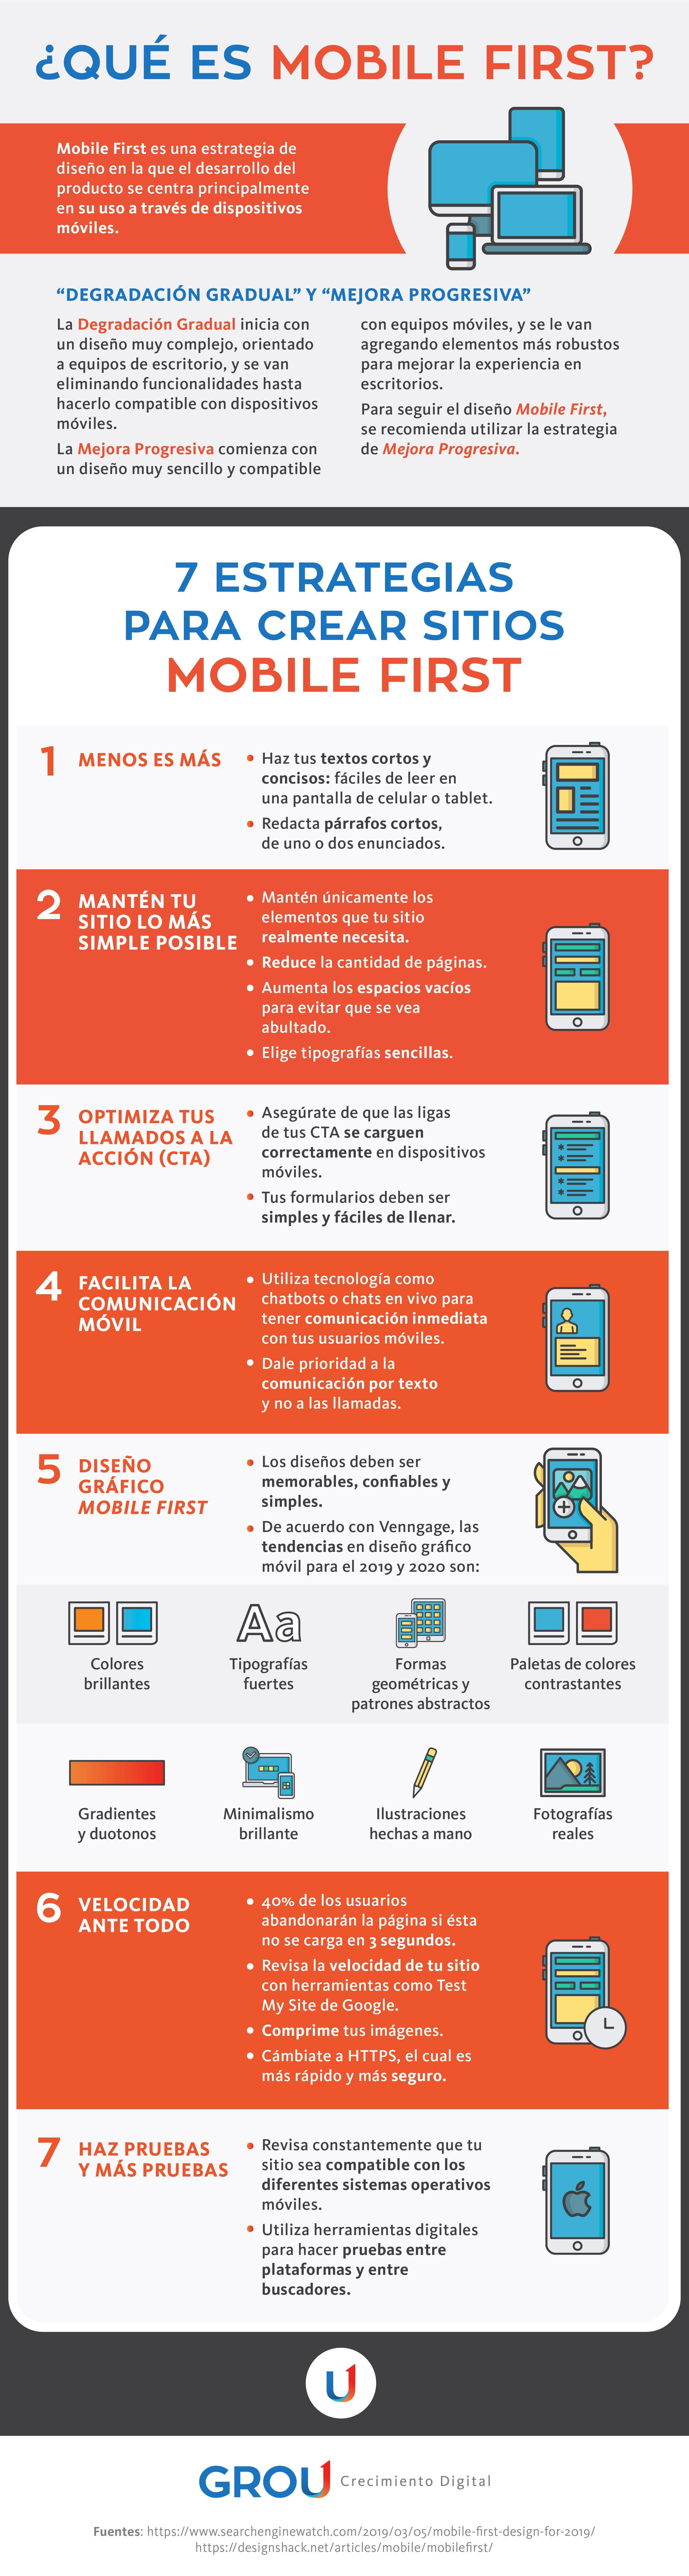 GROU - Infografía no. 6 Mobile First